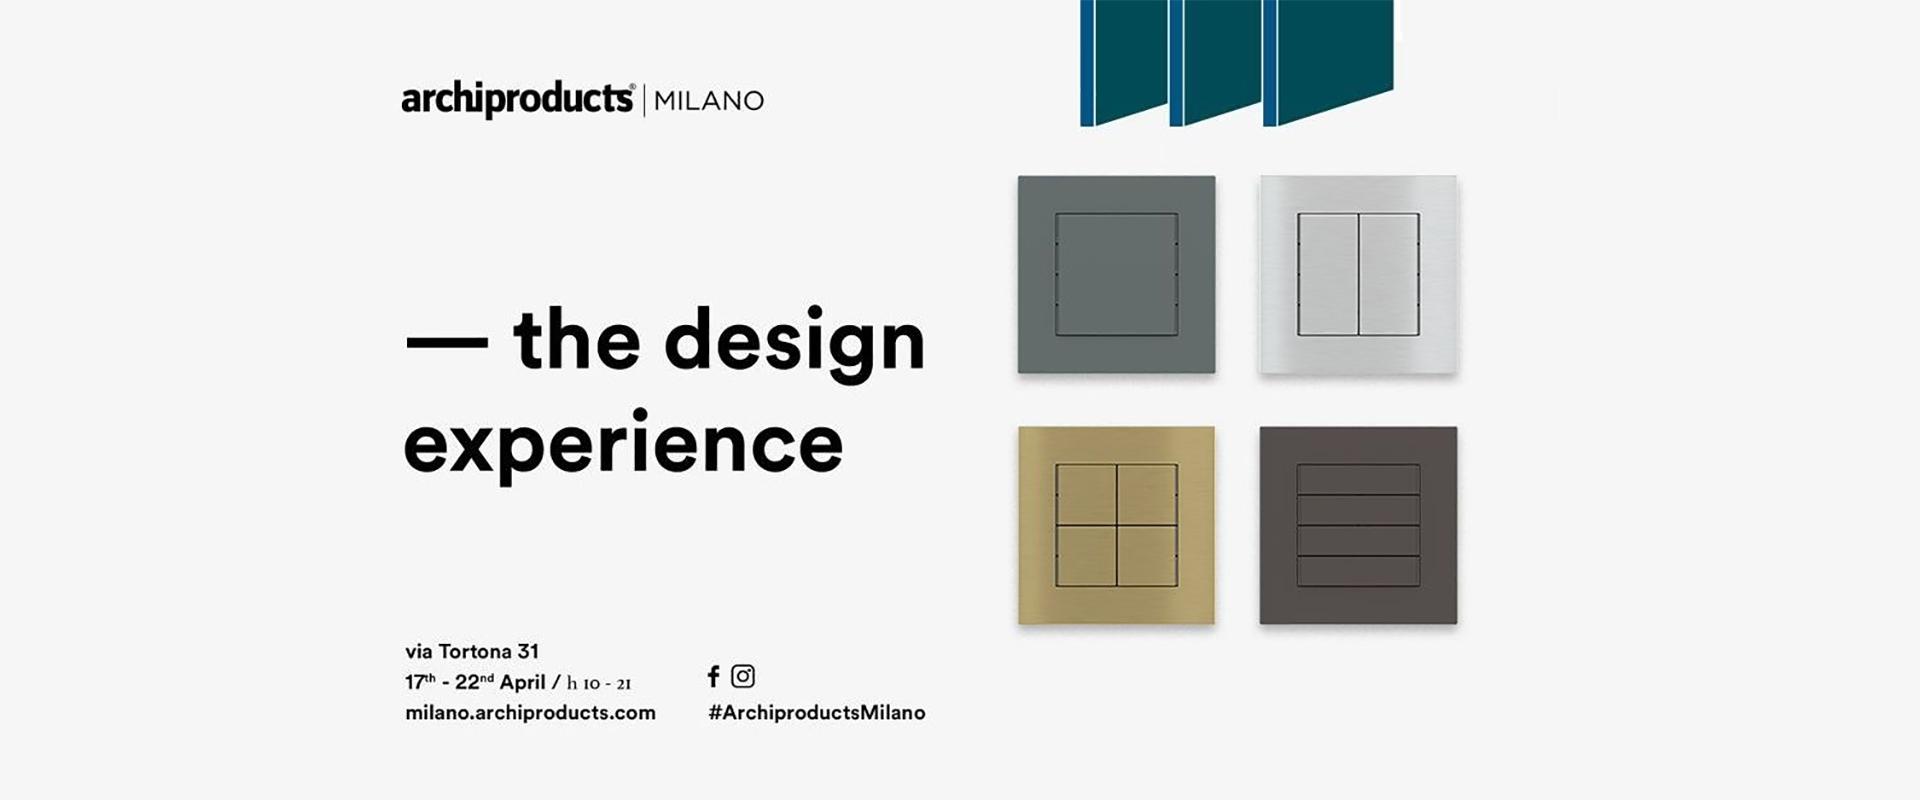 Archiproducts Milano 2018. Work in progress per la nuova Design Experience